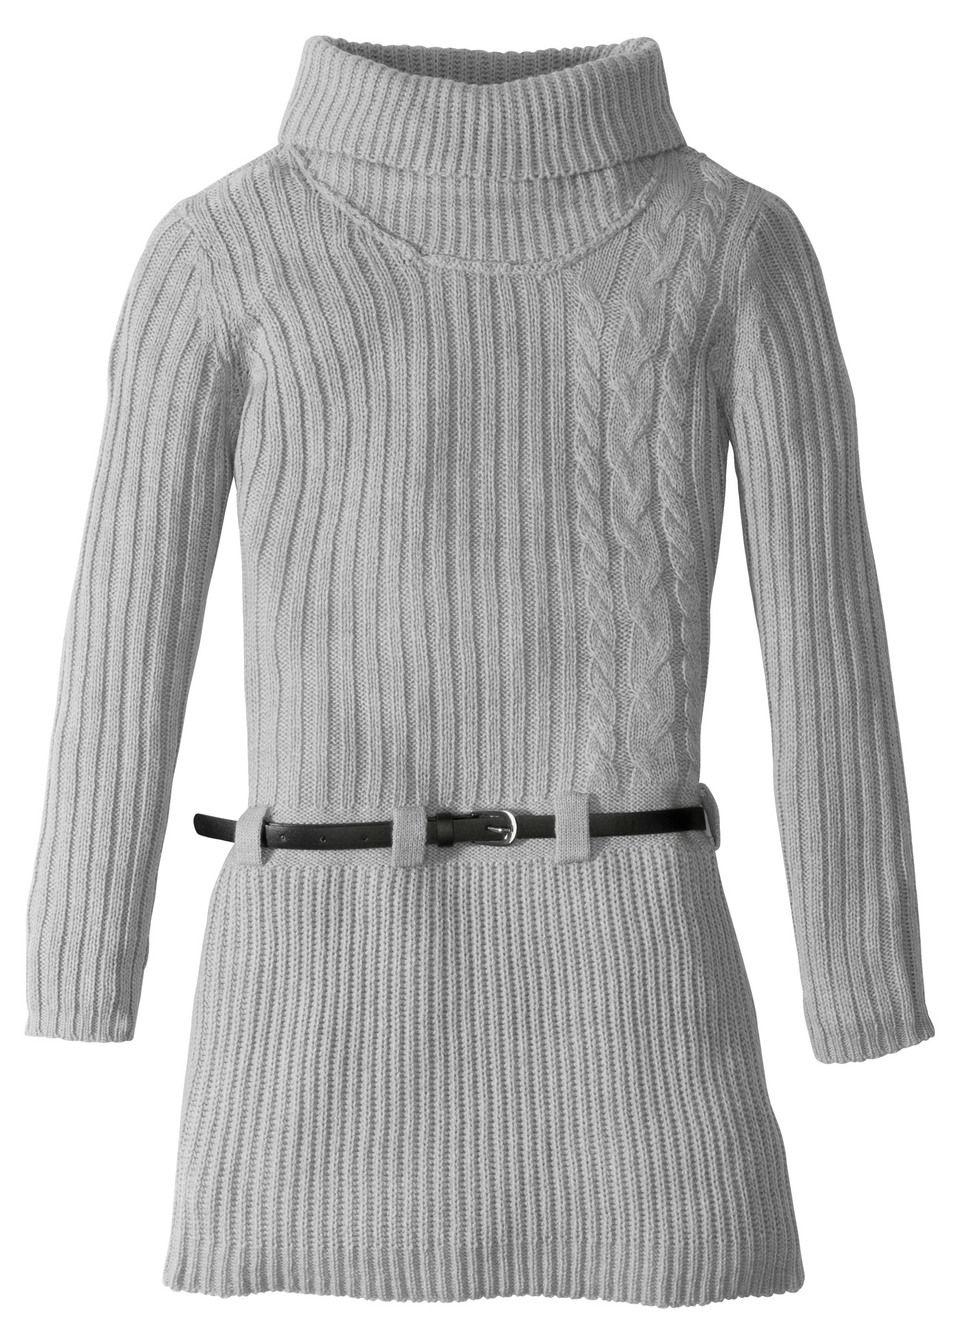 Вязаное платье + ремень (2 изд.) от bonprix